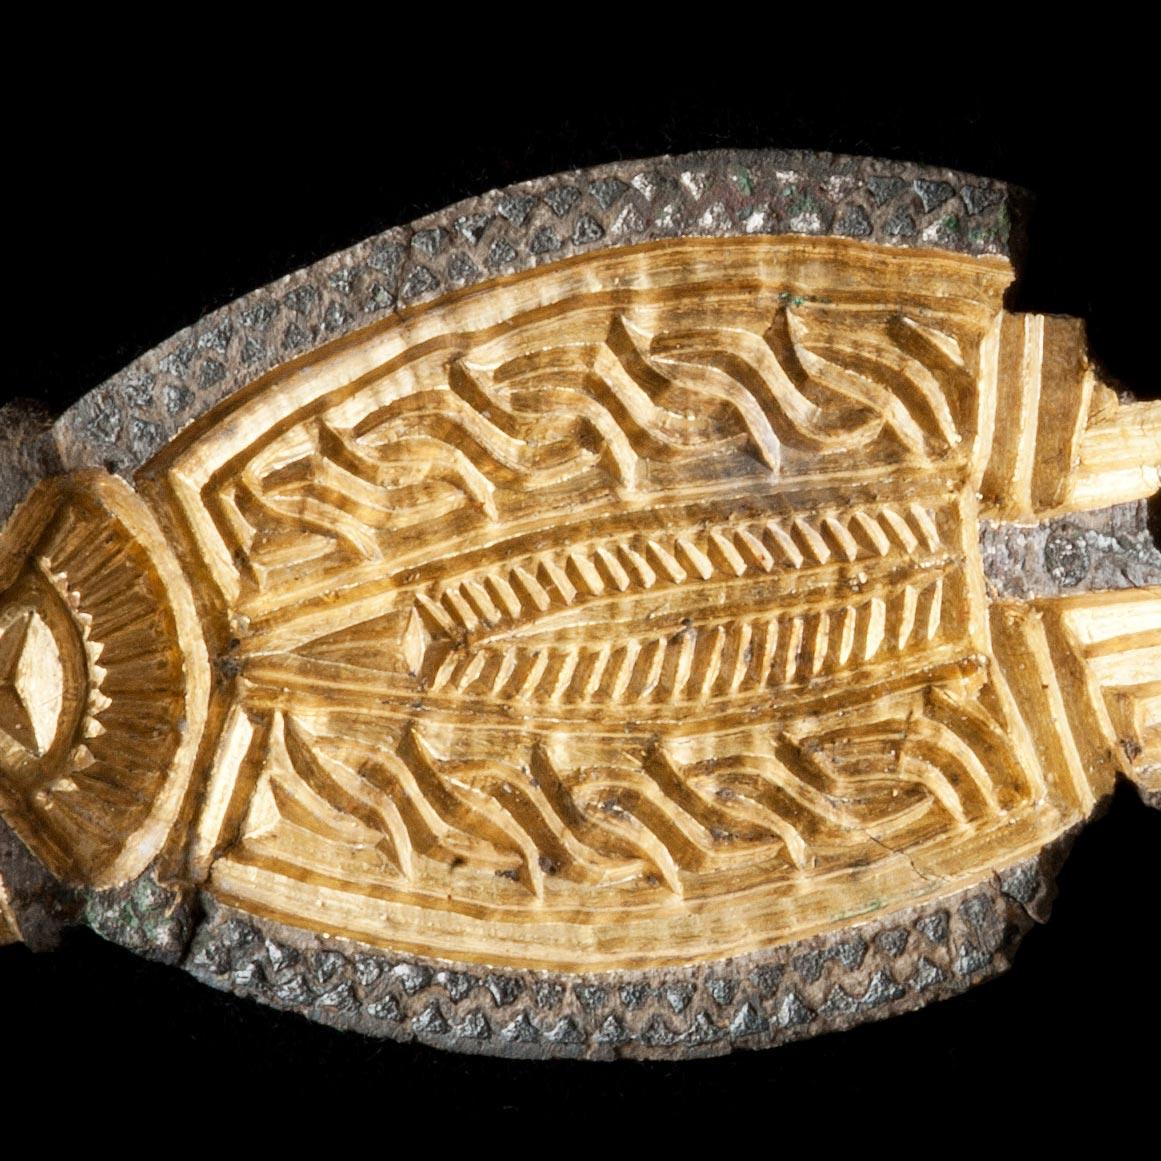 Parures et objets de prestige du Moyen-âge